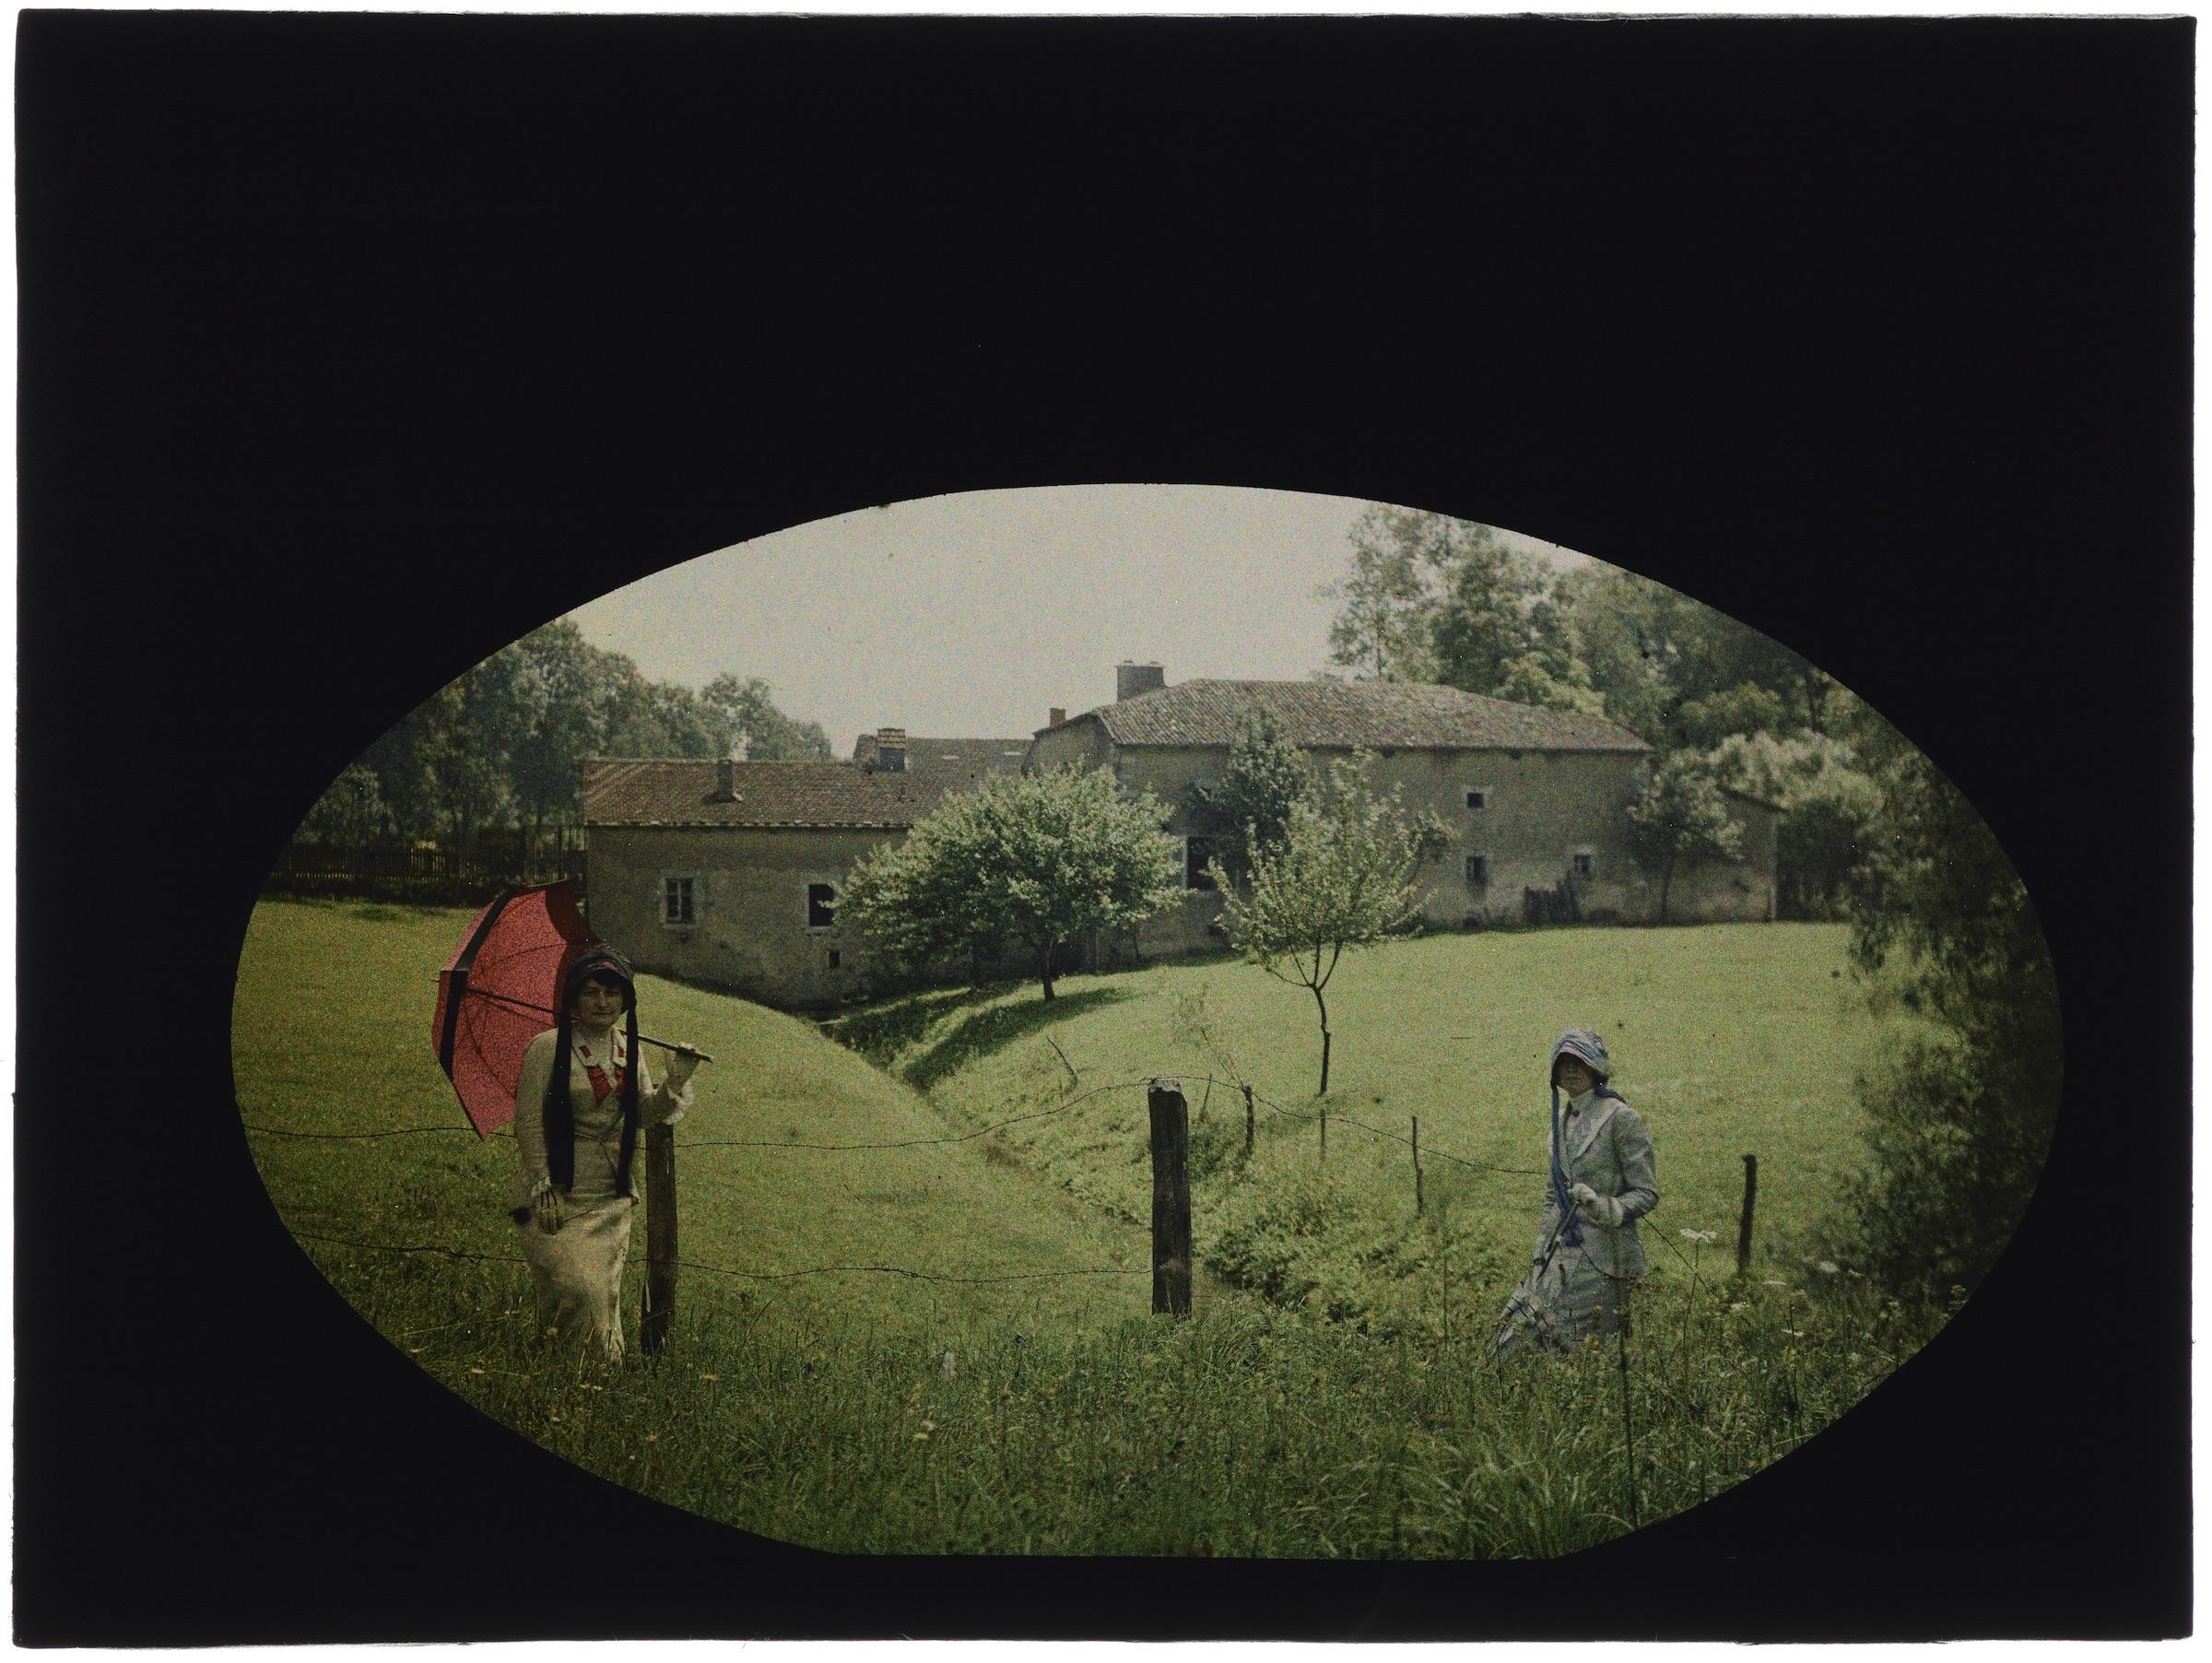 Deux femmes dans les champs avec maisons